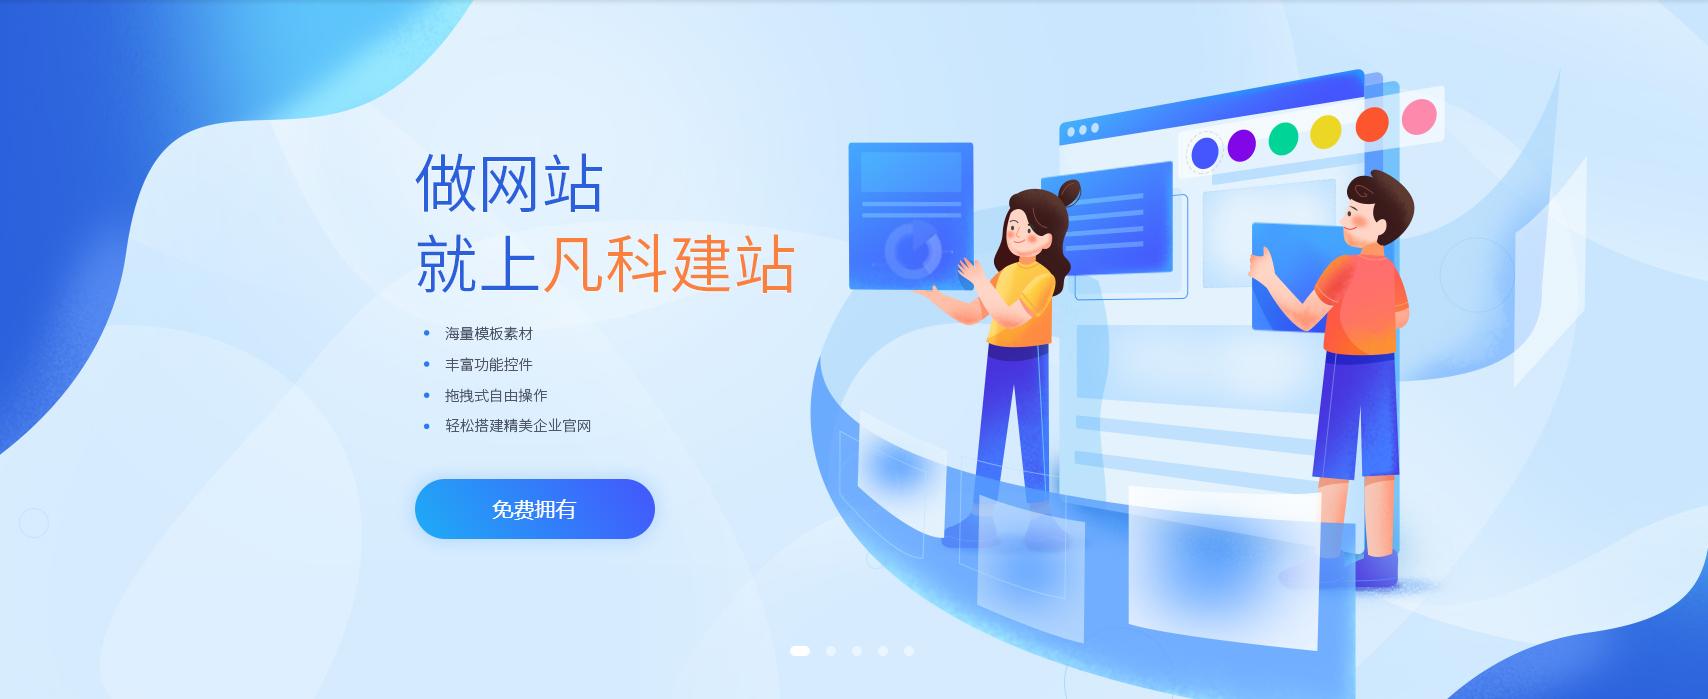 企业网站导航设计